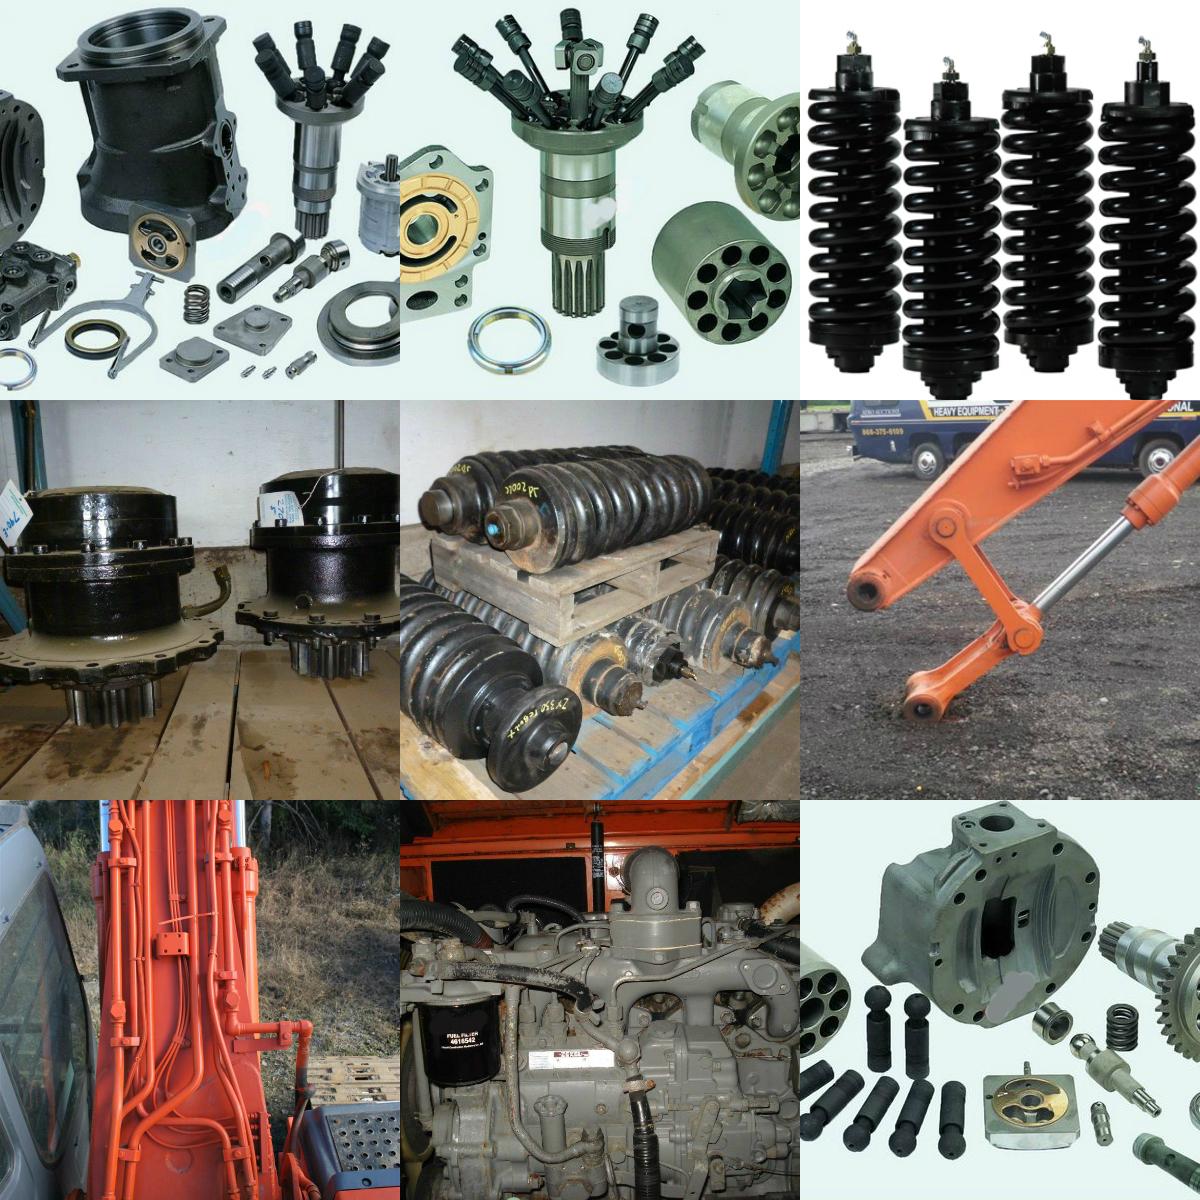 Hitachi equipment range